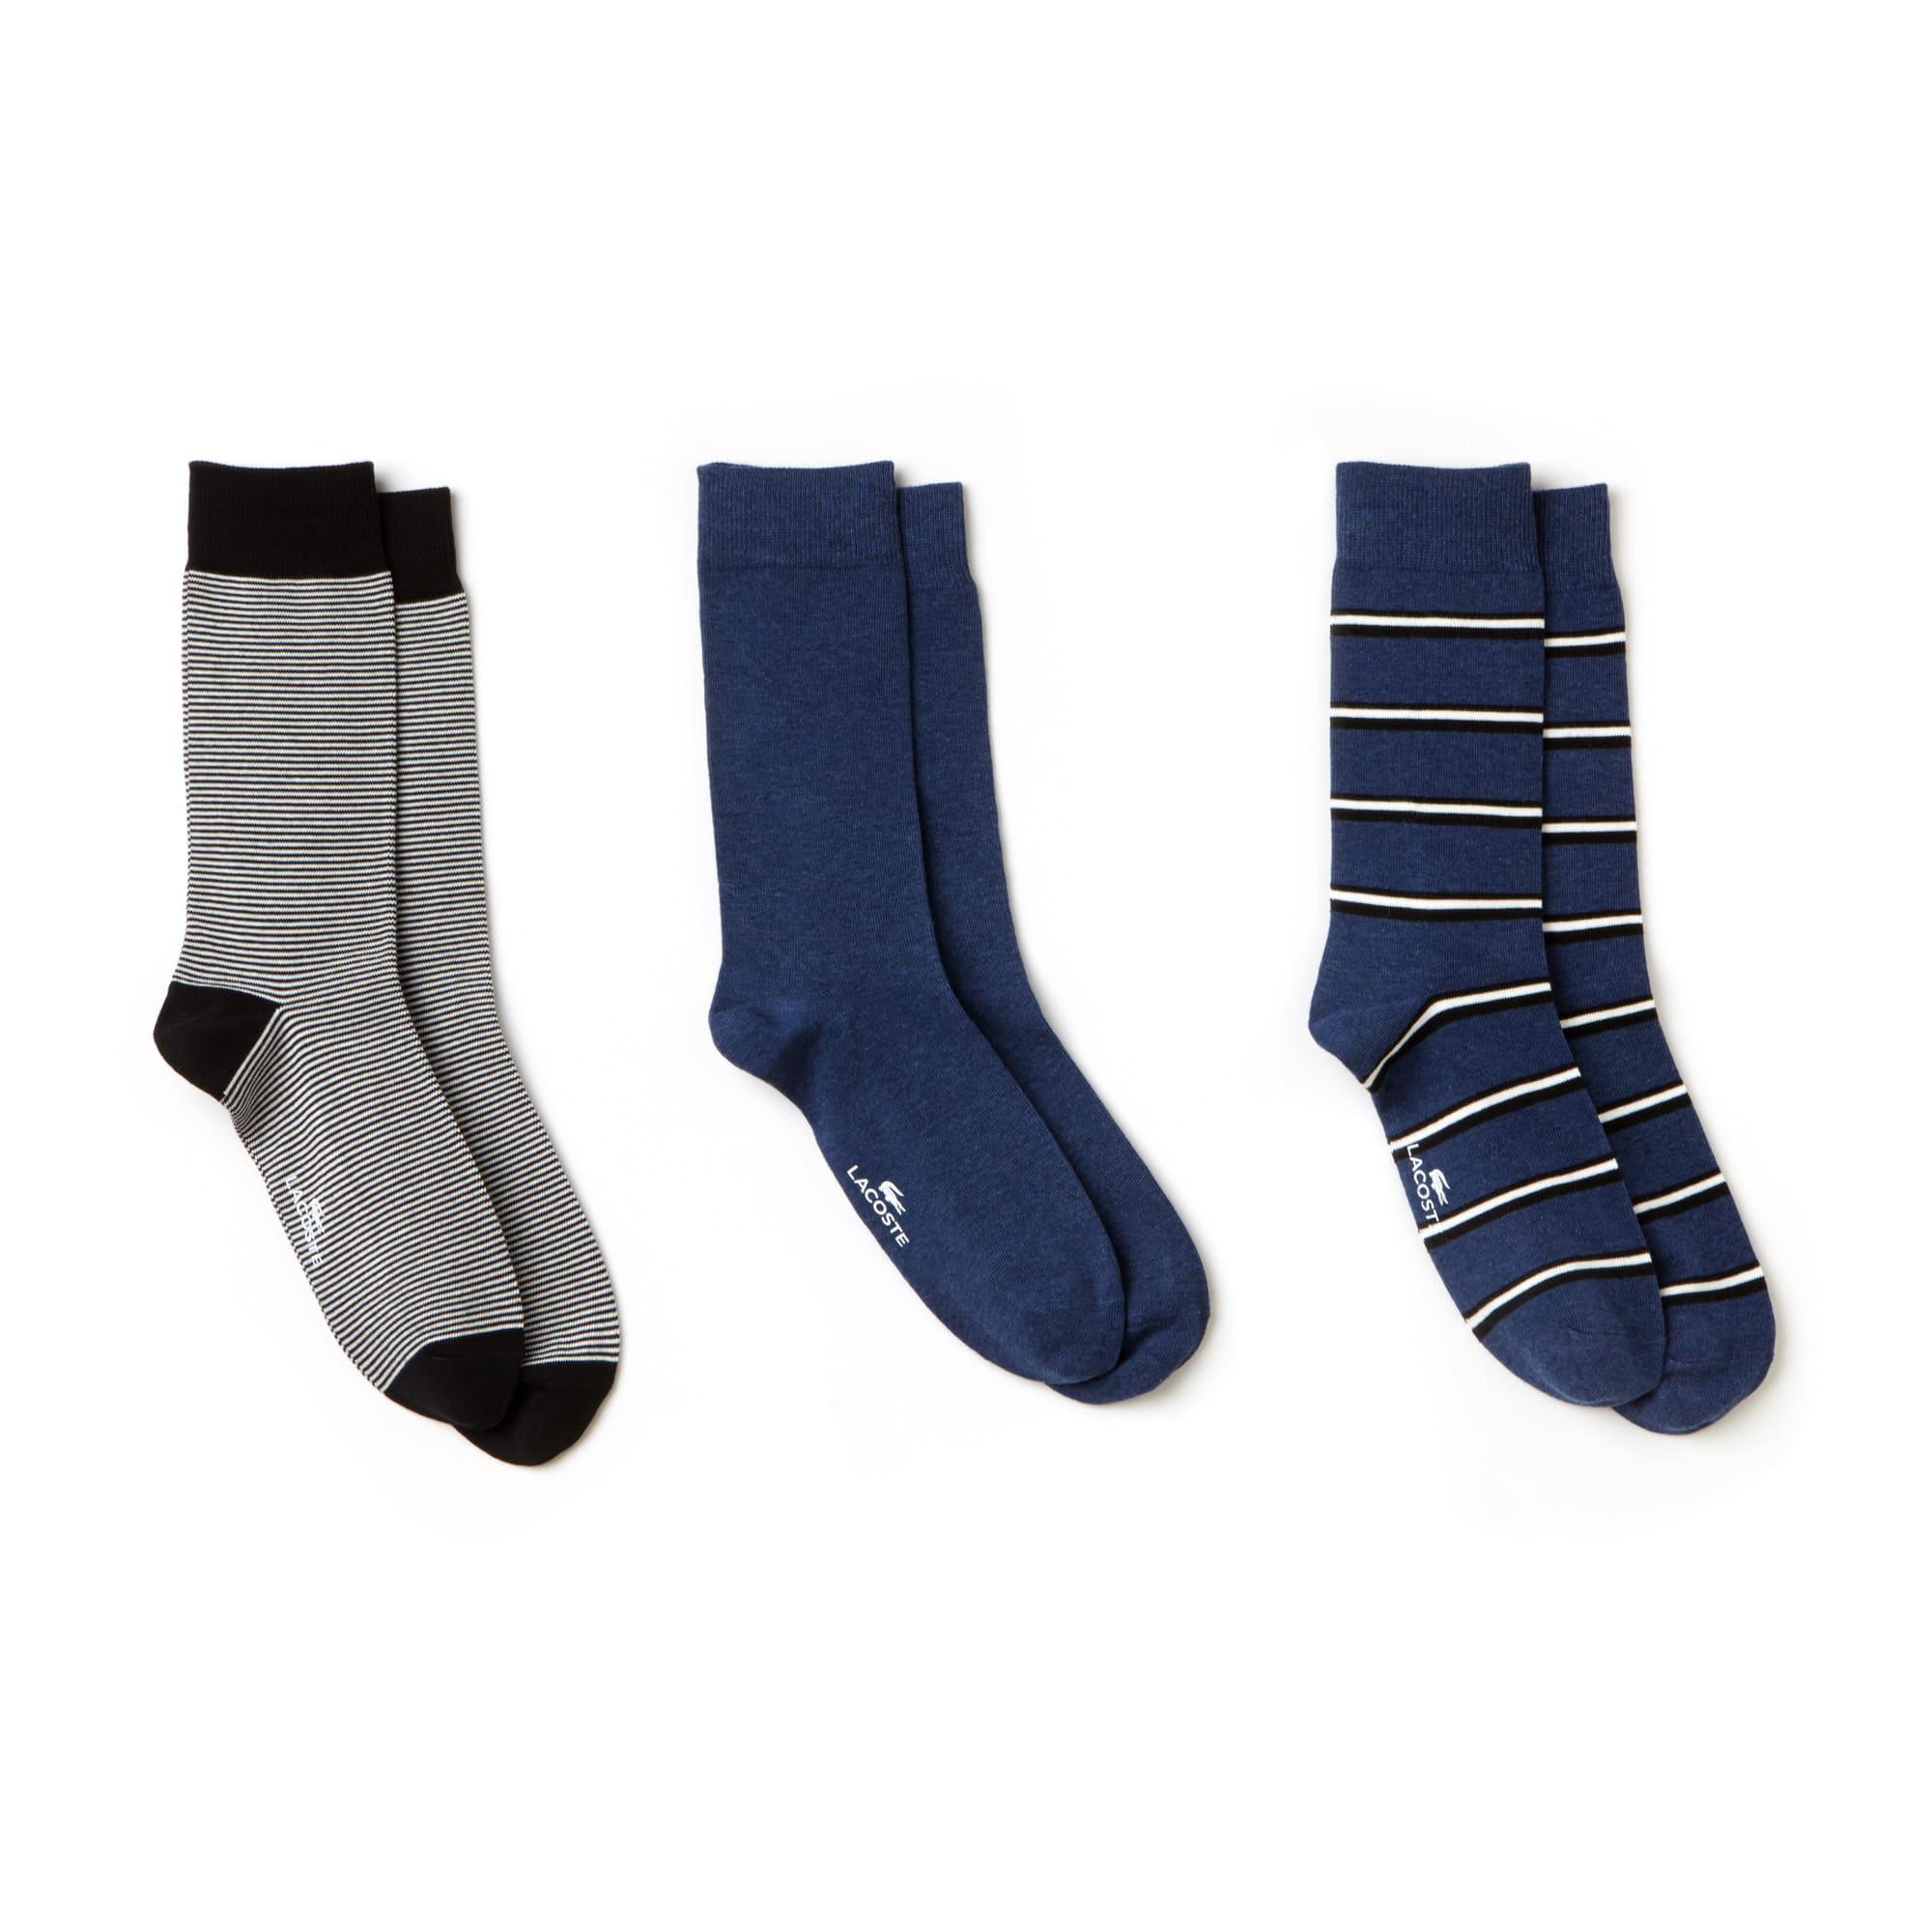 Confezione di 3 paia di calze in jersey a righe e tinta unita